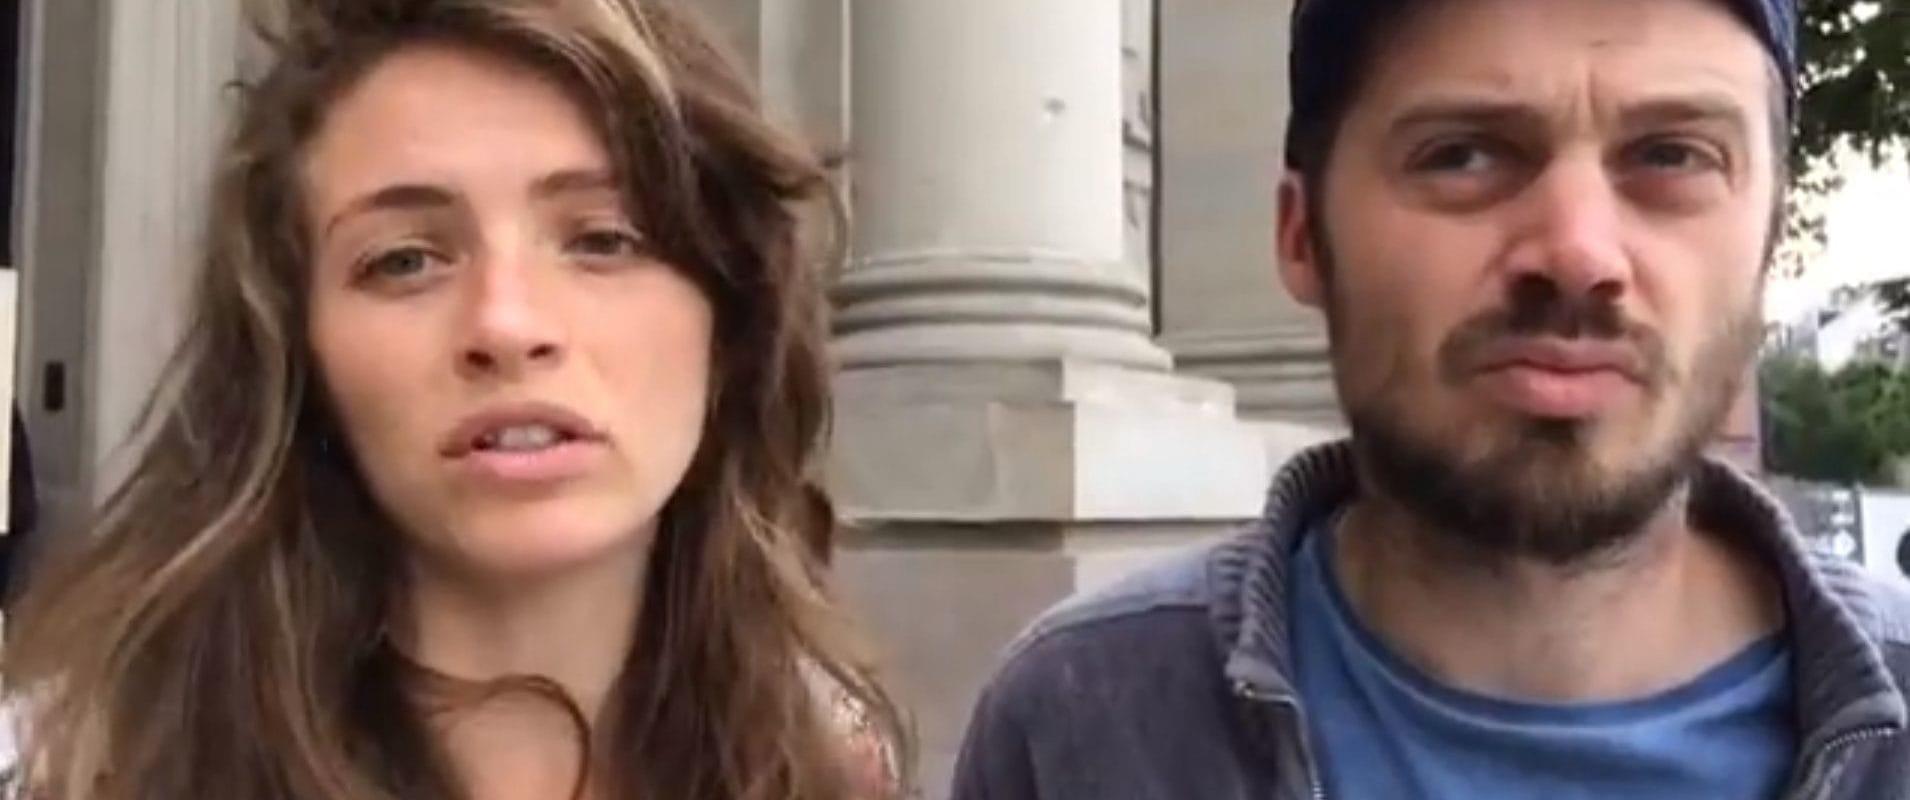 Les deux militants anti-GCO condamnés à des peines de prison avec sursis